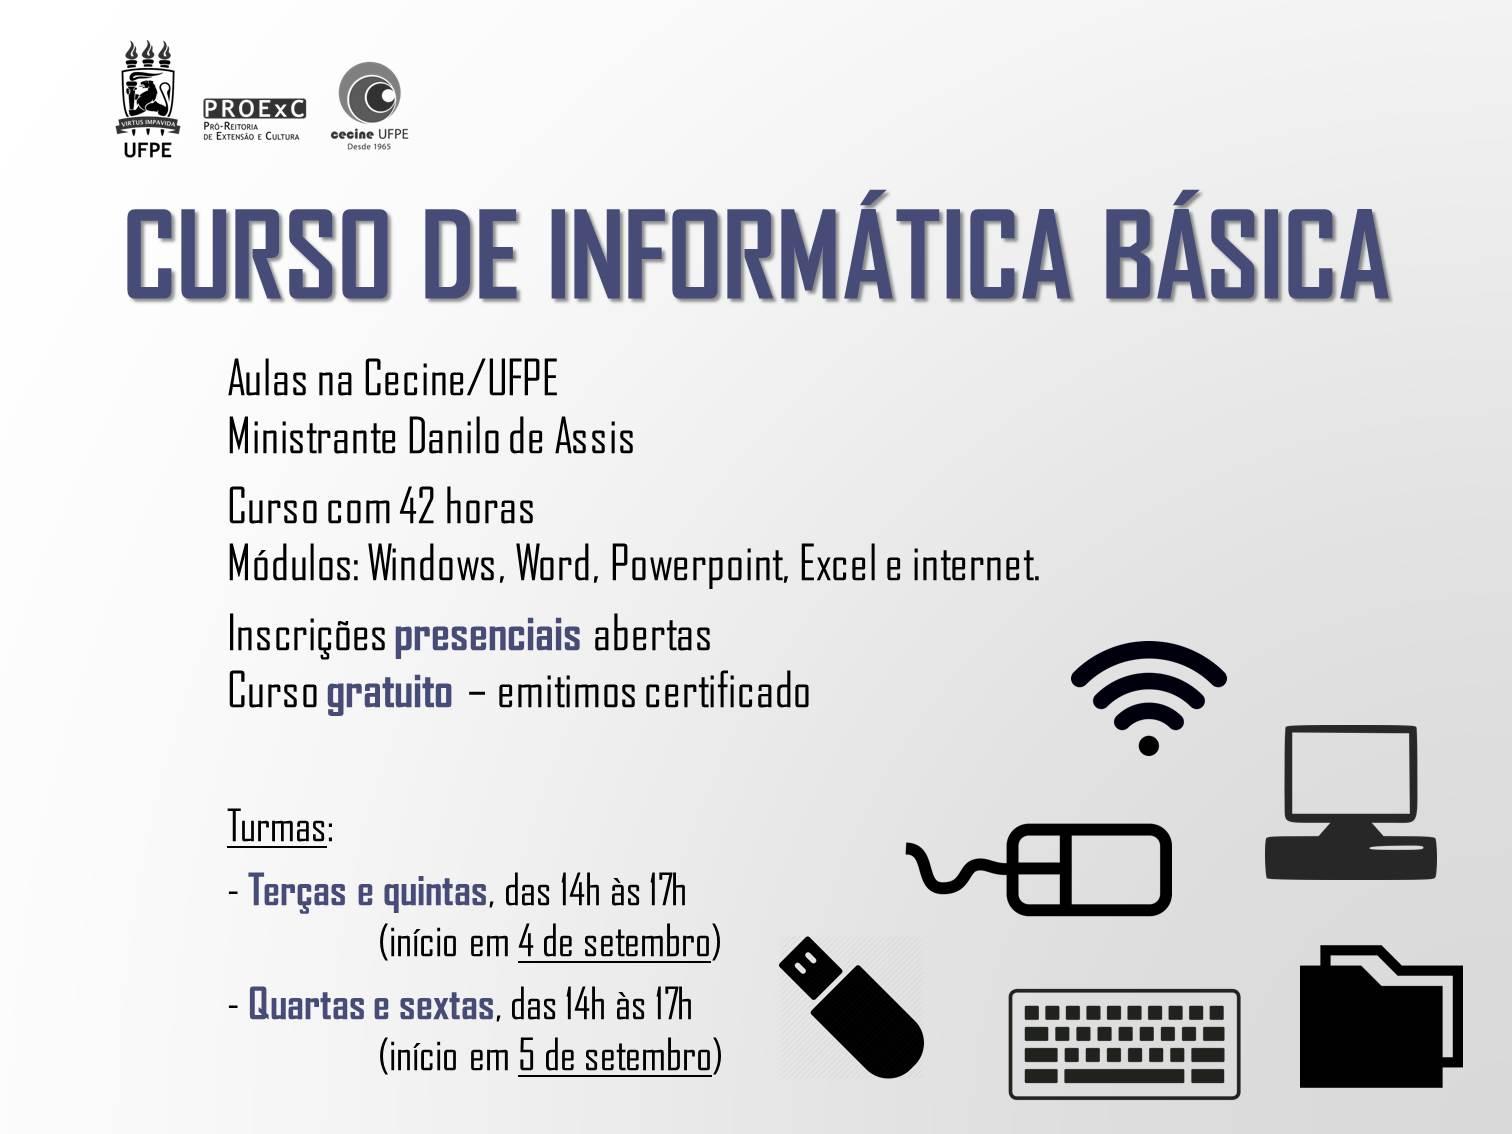 Curso De Informática Básica Tarde Noticias Ufpe